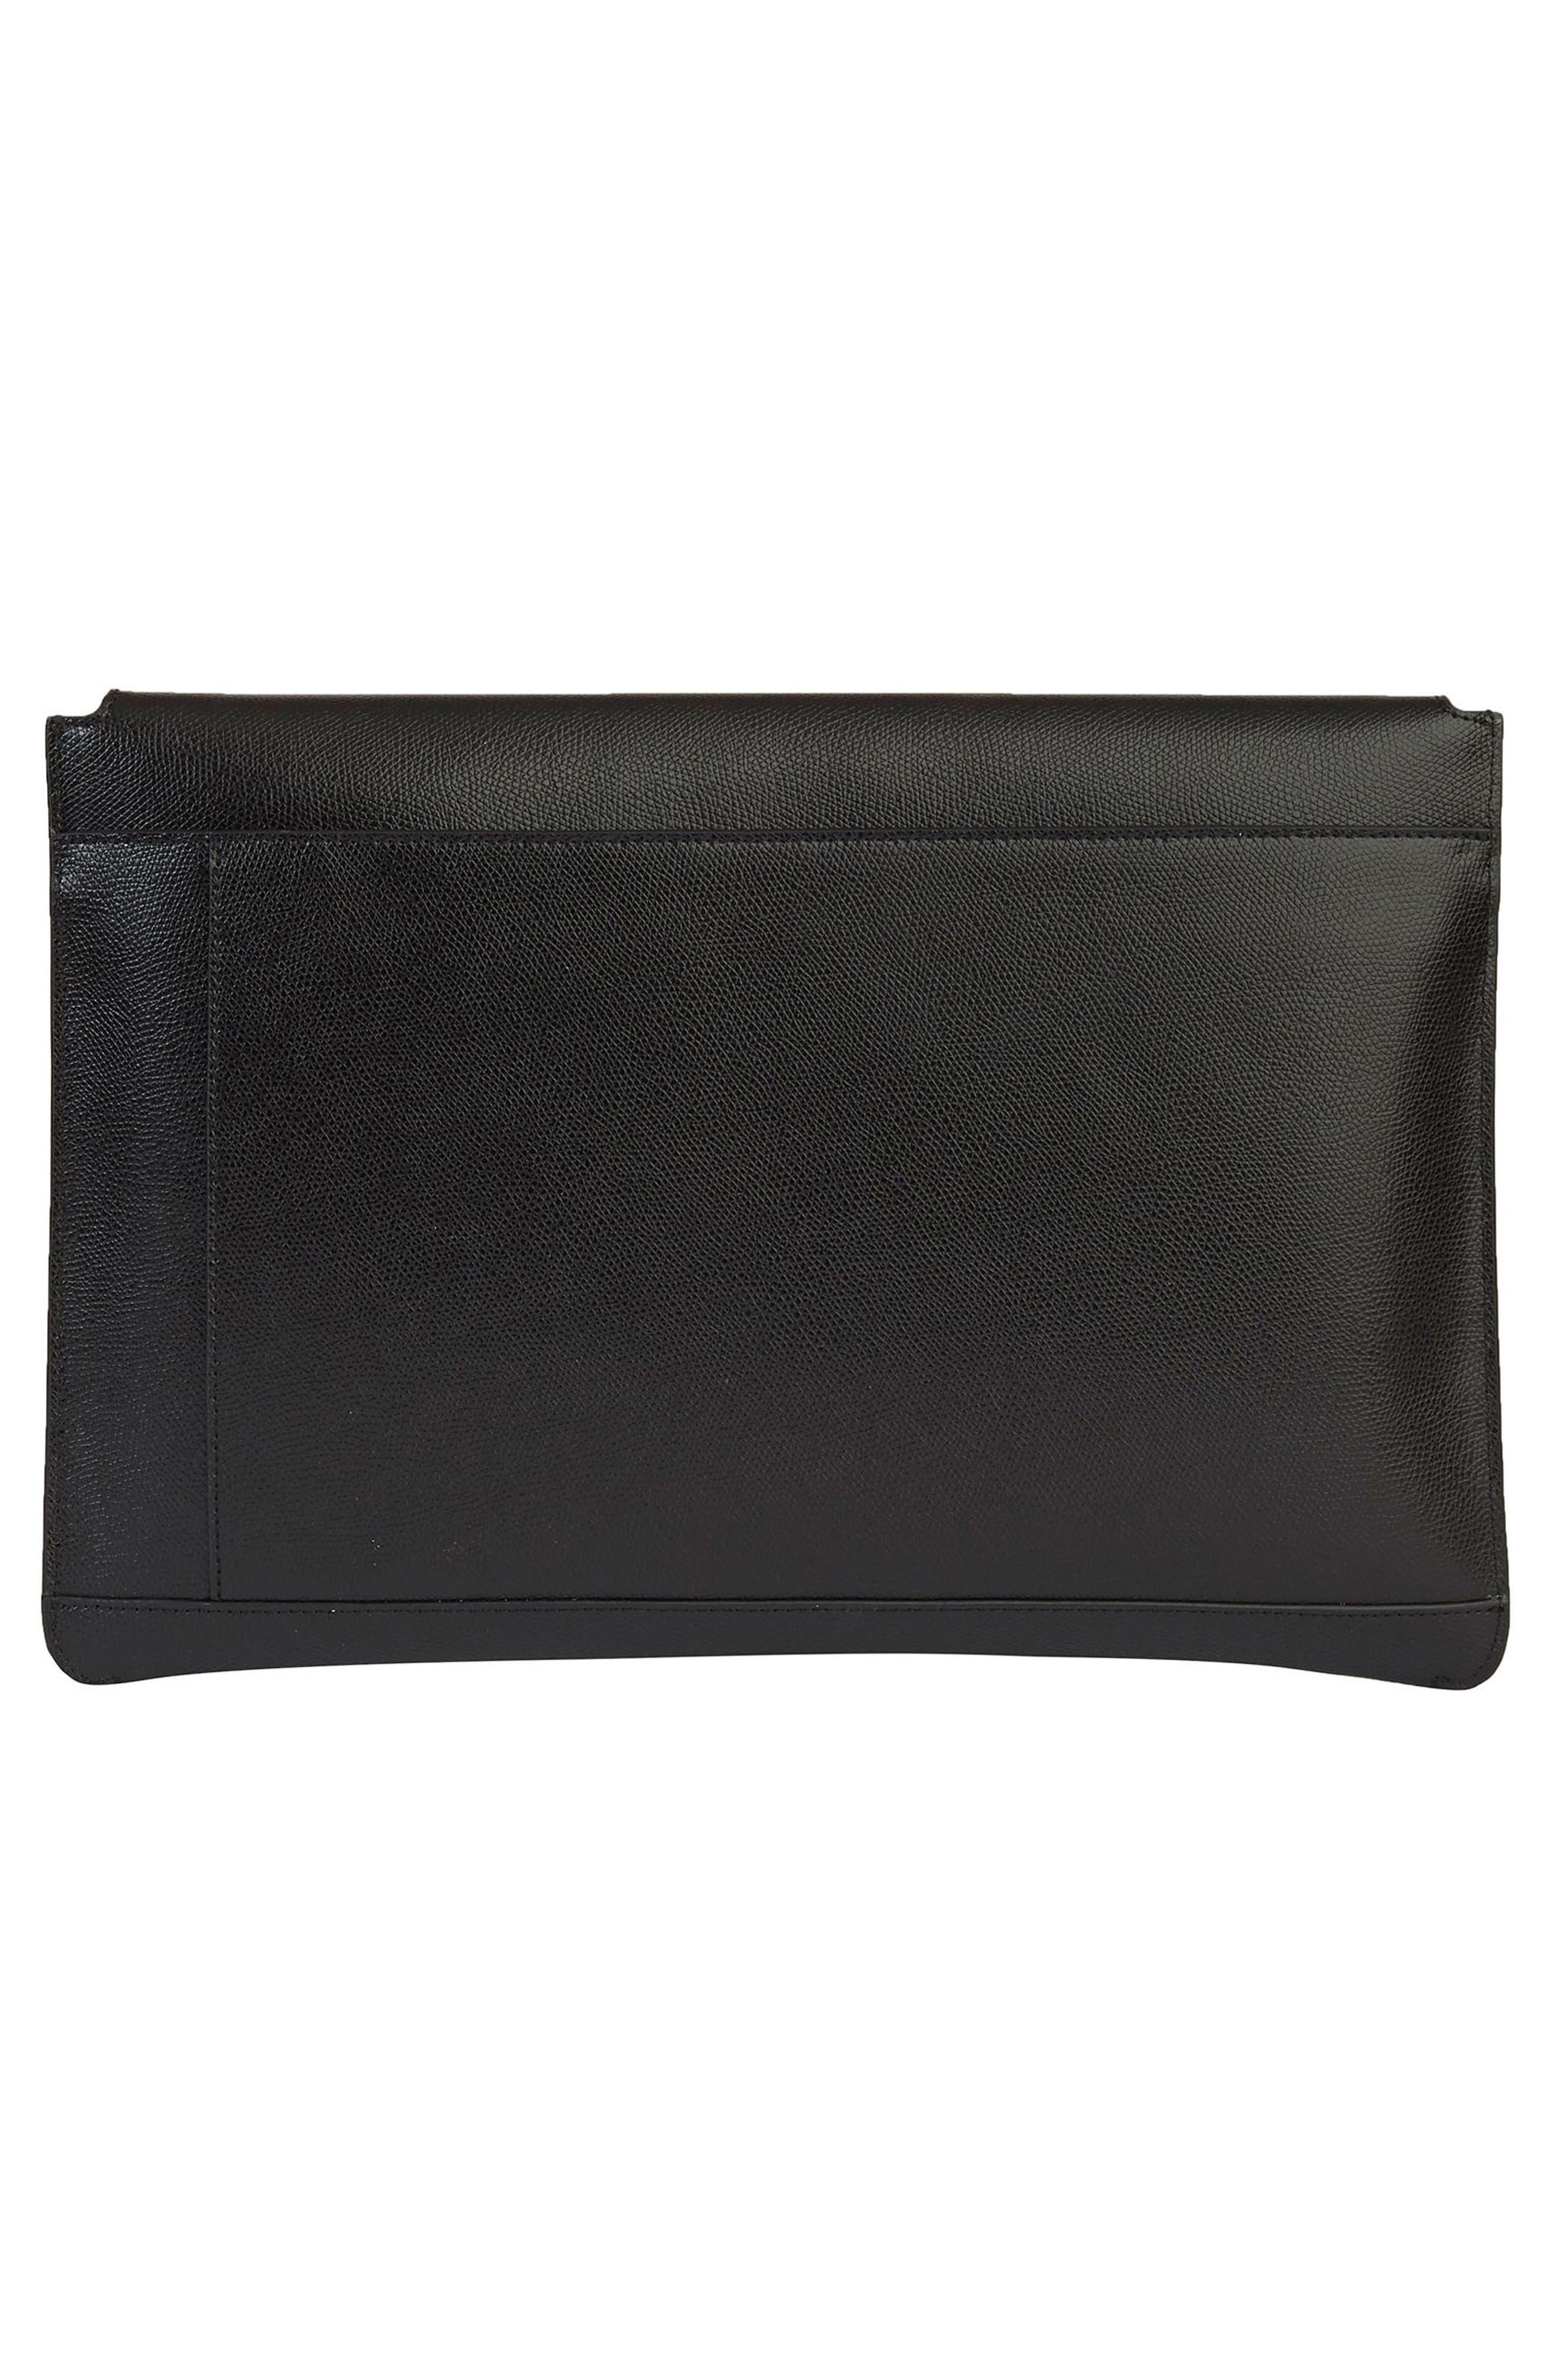 Pebbled Leather Envelope Clutch,                             Alternate thumbnail 2, color,                             NOIR